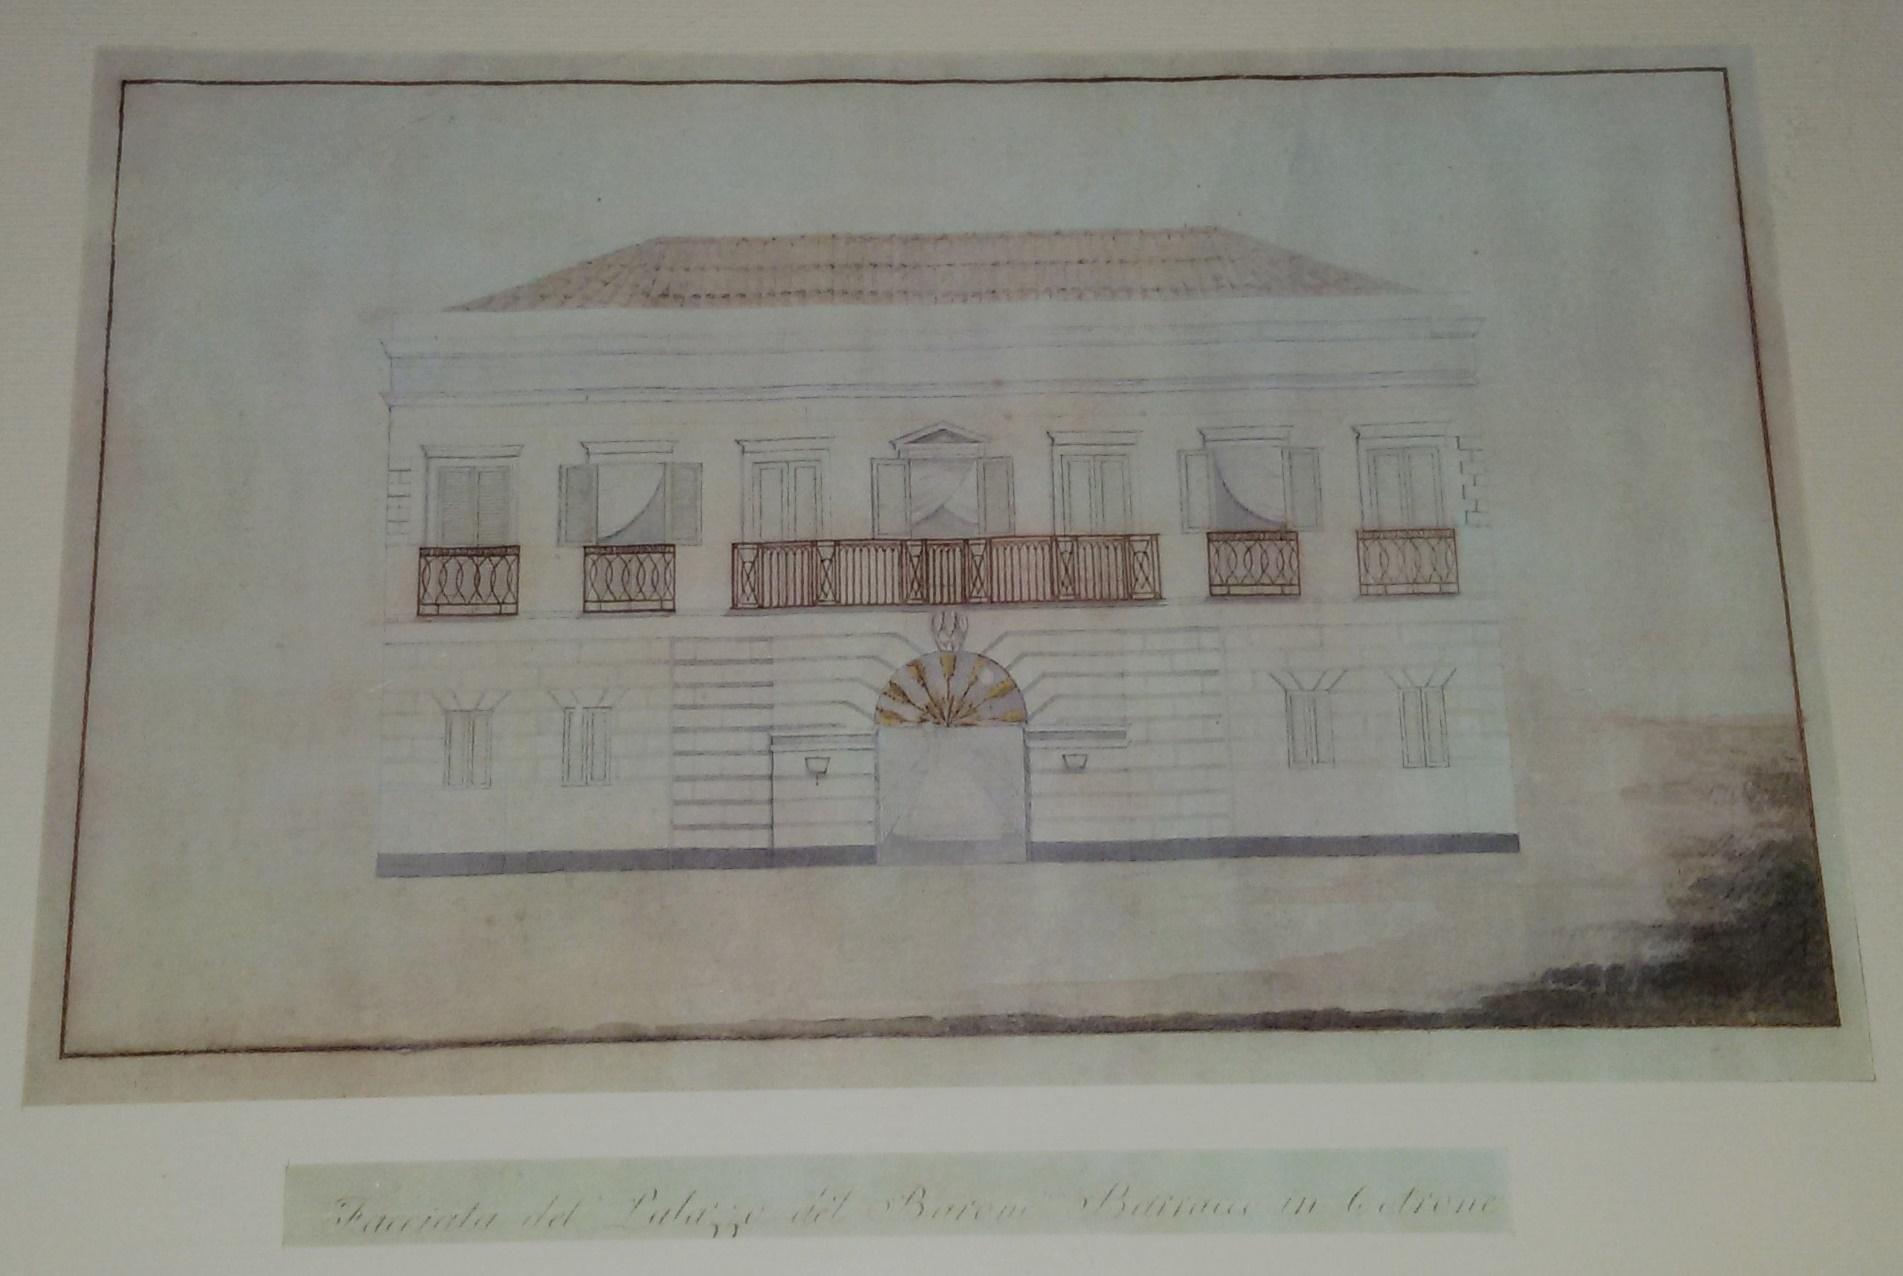 palazzo barracco disegno